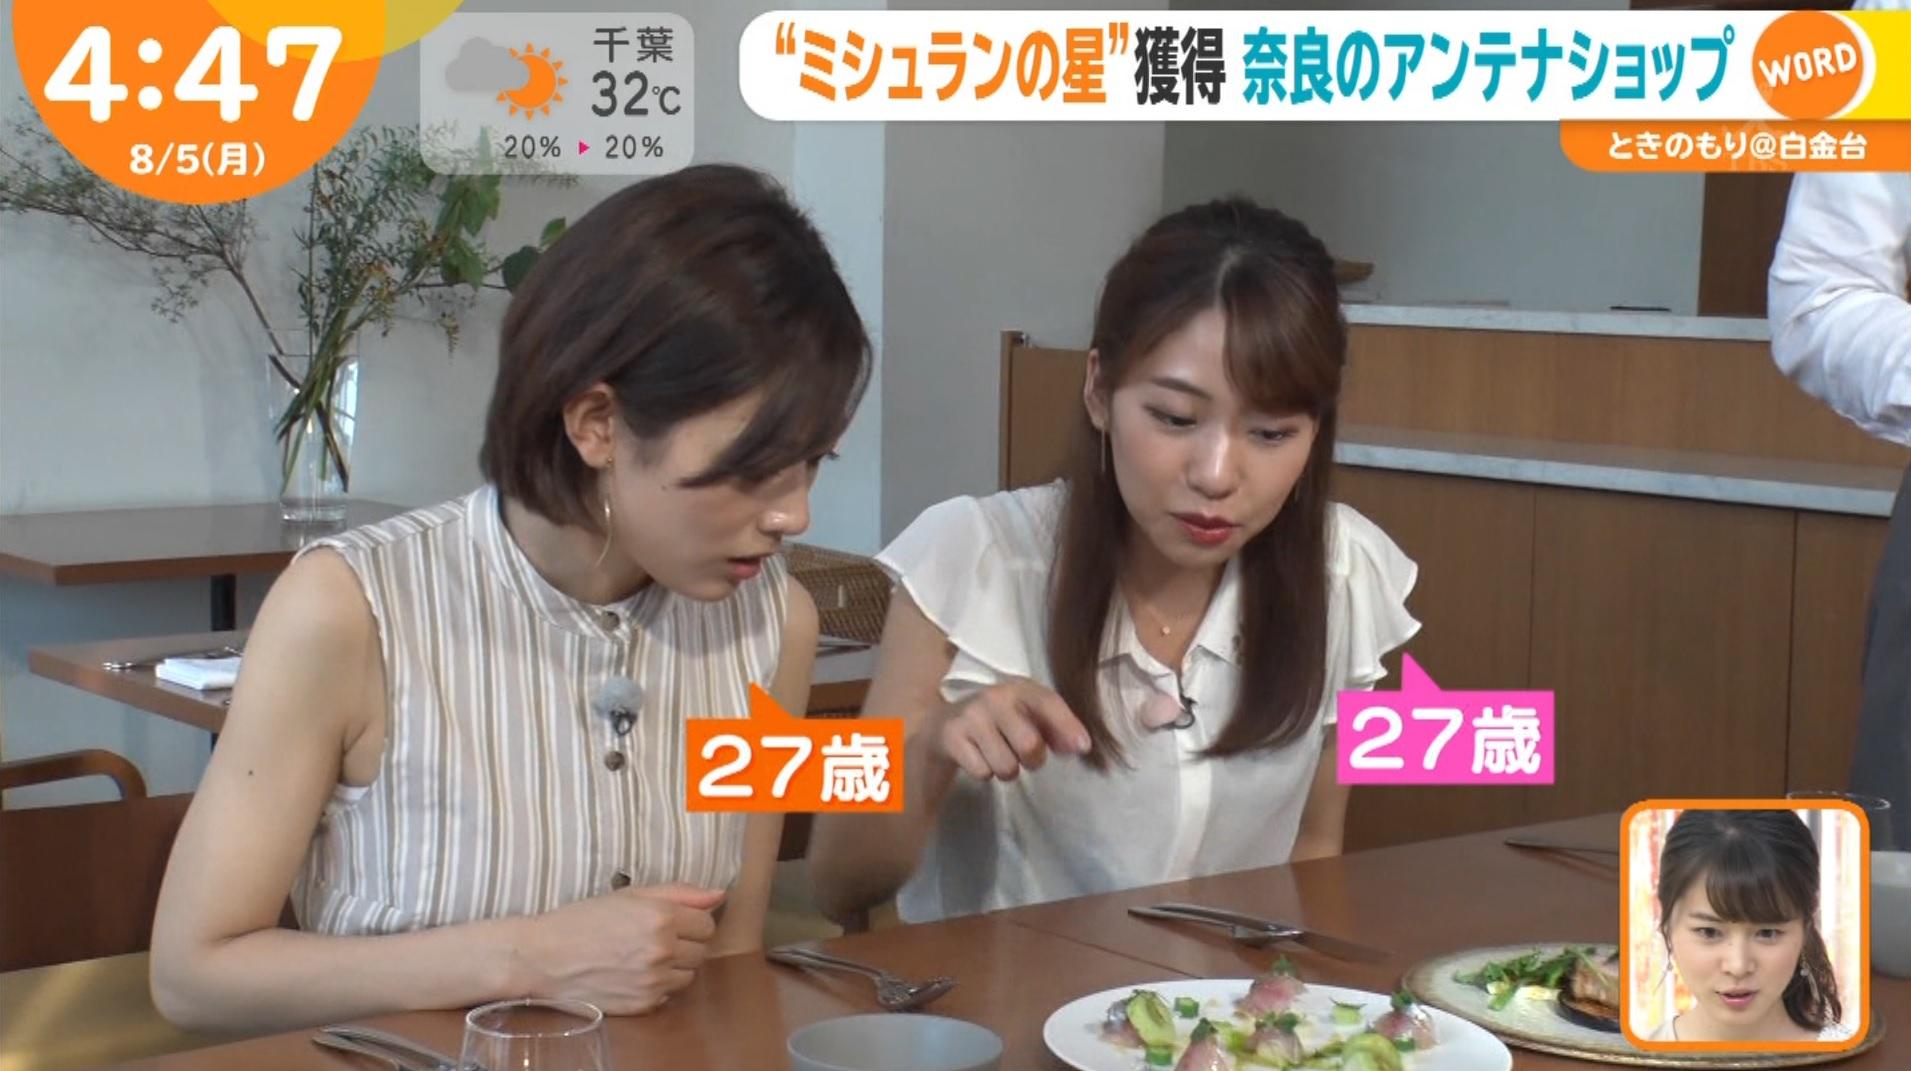 フリーアナウンサー・中西悠理さん出演「はやドキ!」のテレビキャプチャー画像-080